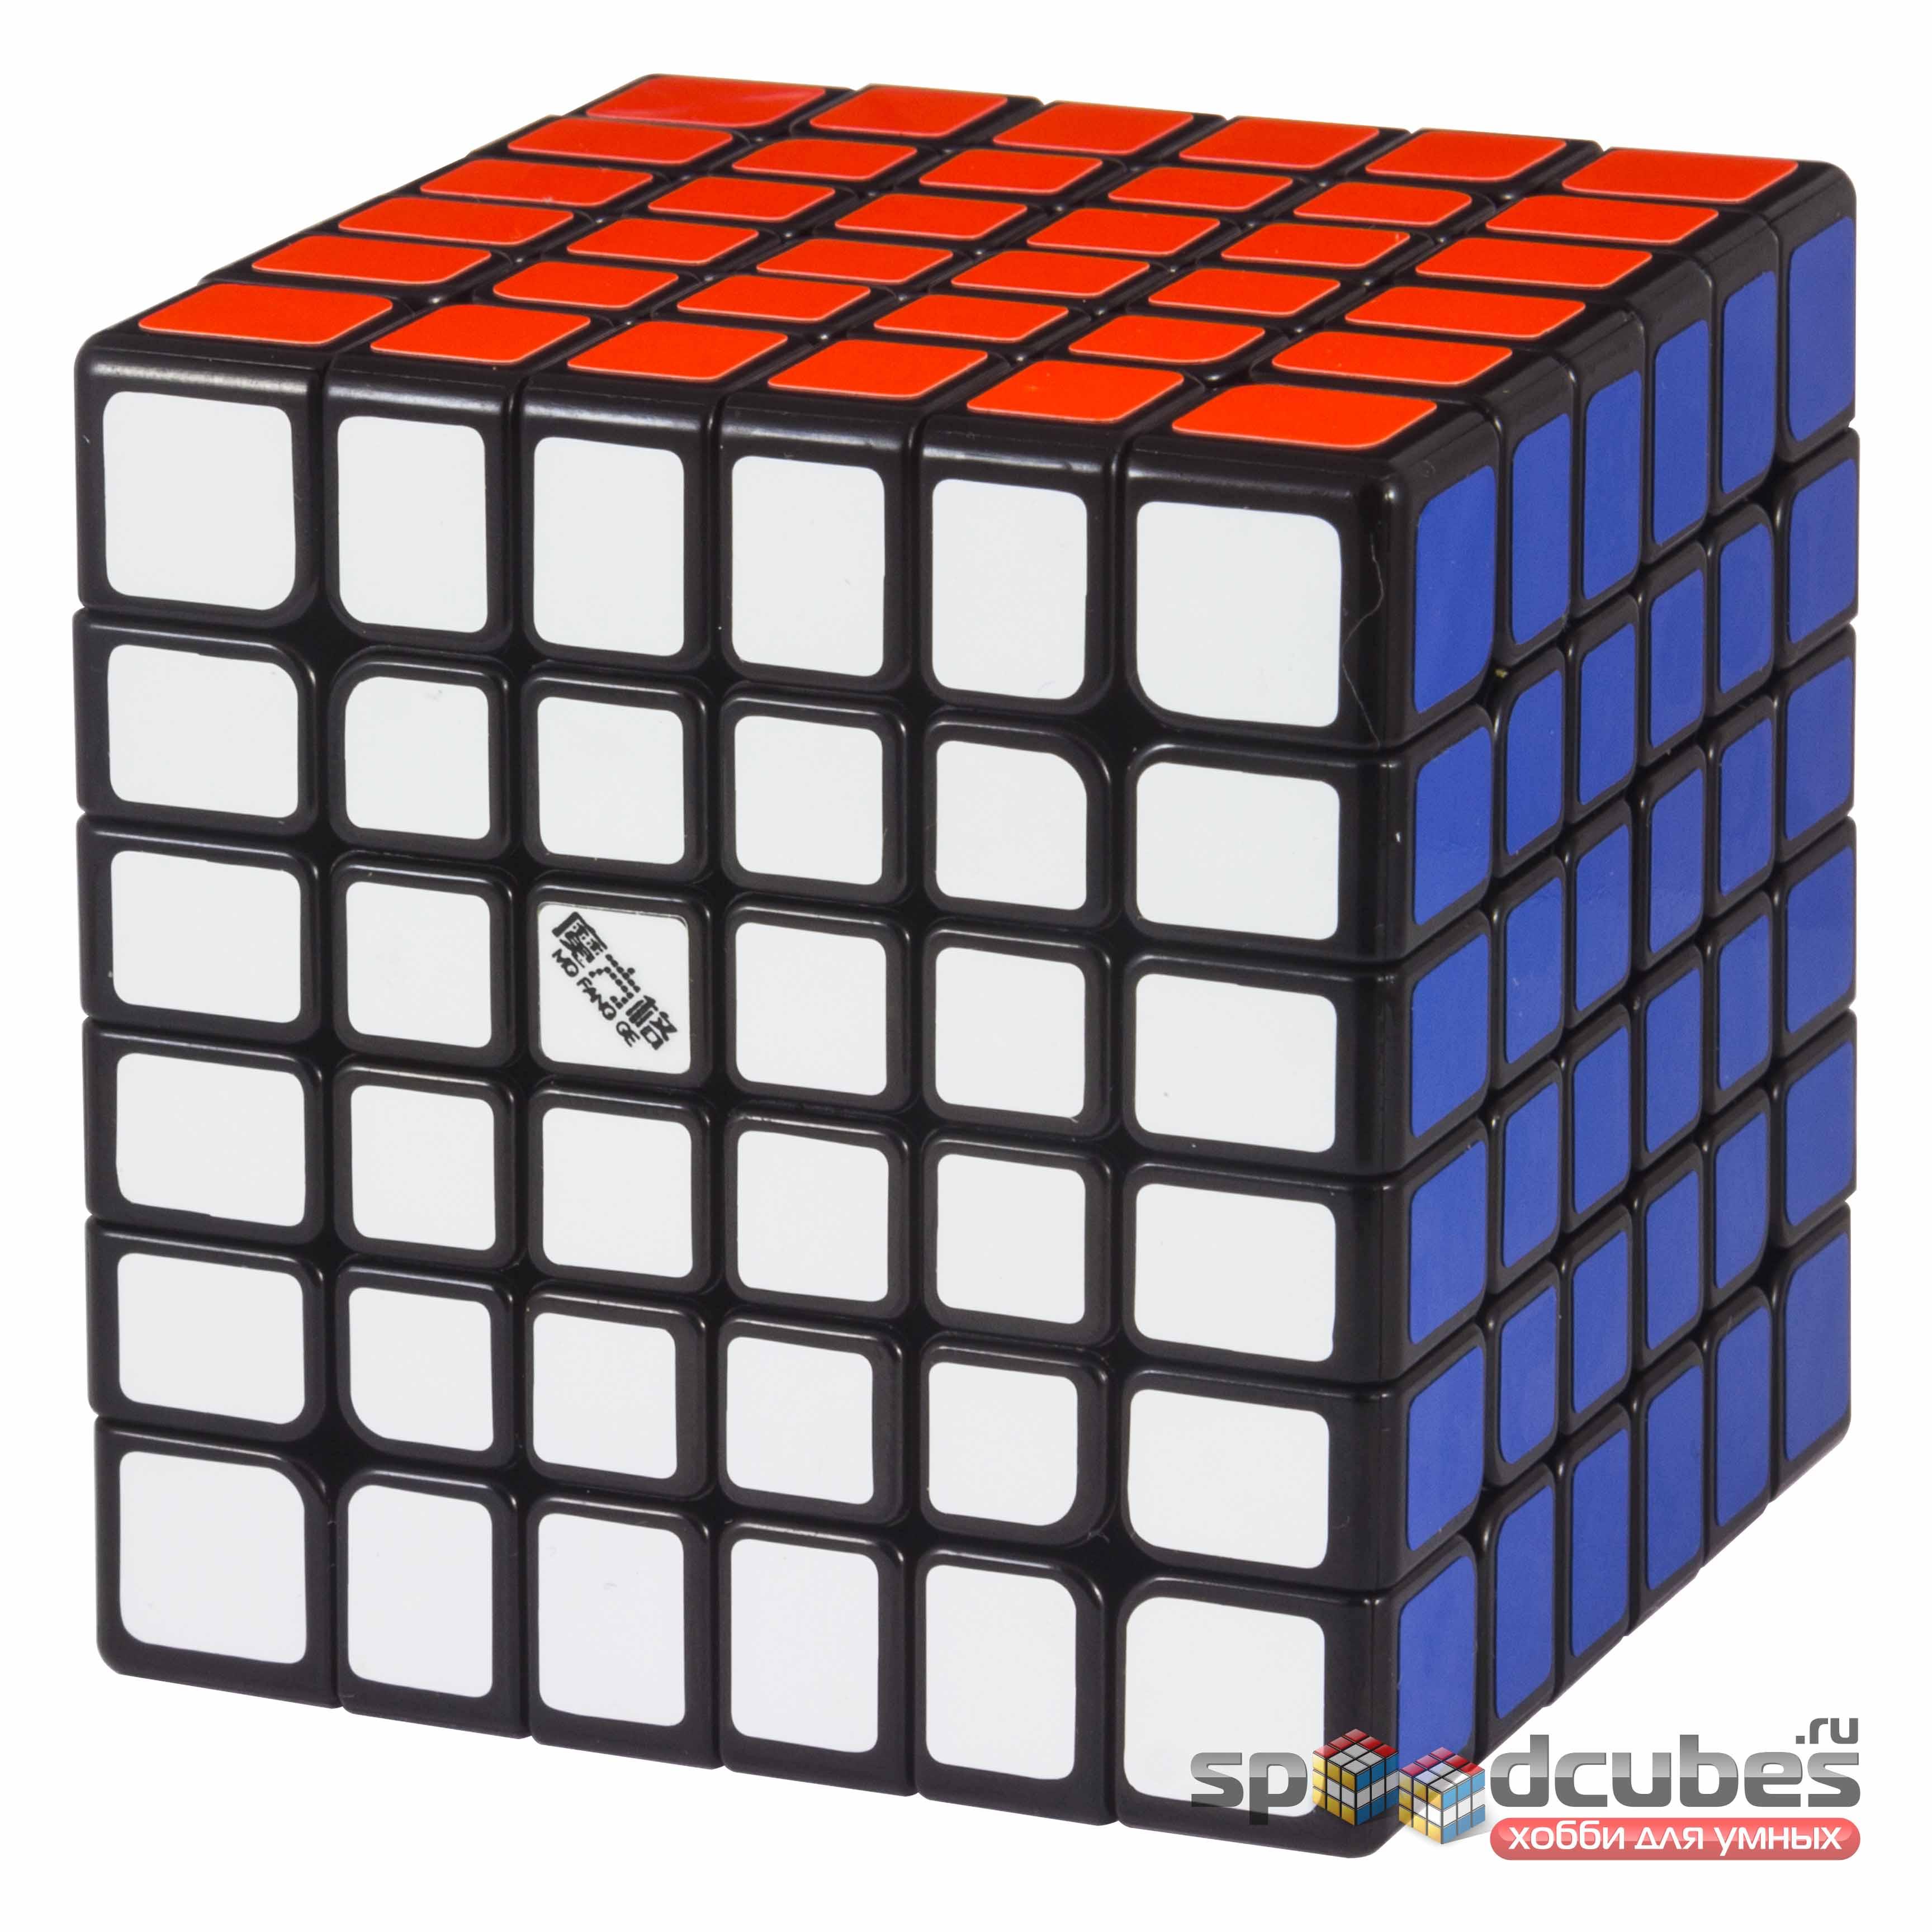 QiYi (MoFangGe) 6x6x6 WuHua V2